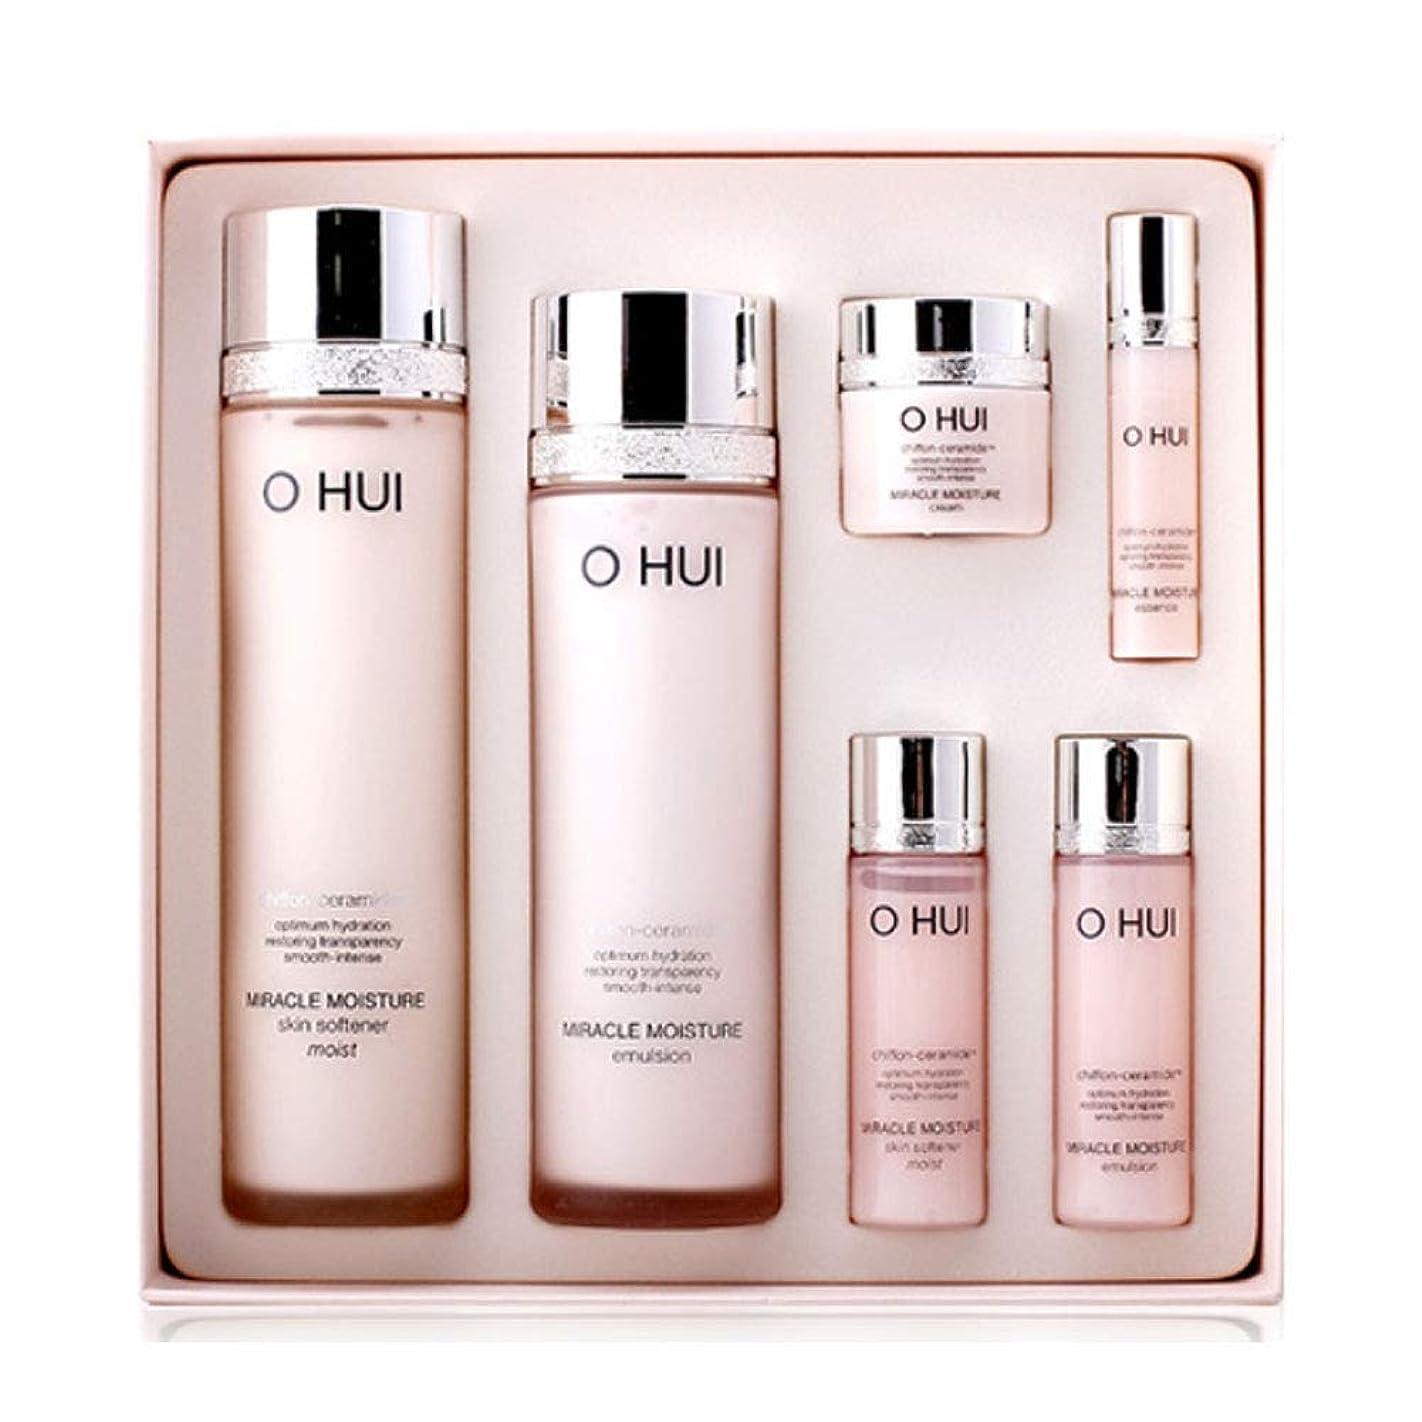 ジャケットエピソード回転するオフィミラクルモイスチャースキンソフナーエマルジョンセット韓国コスメ、O Hui Miracle Moisture Skin Softener Emulsion Set Korean Cosmetics [並行輸入品]